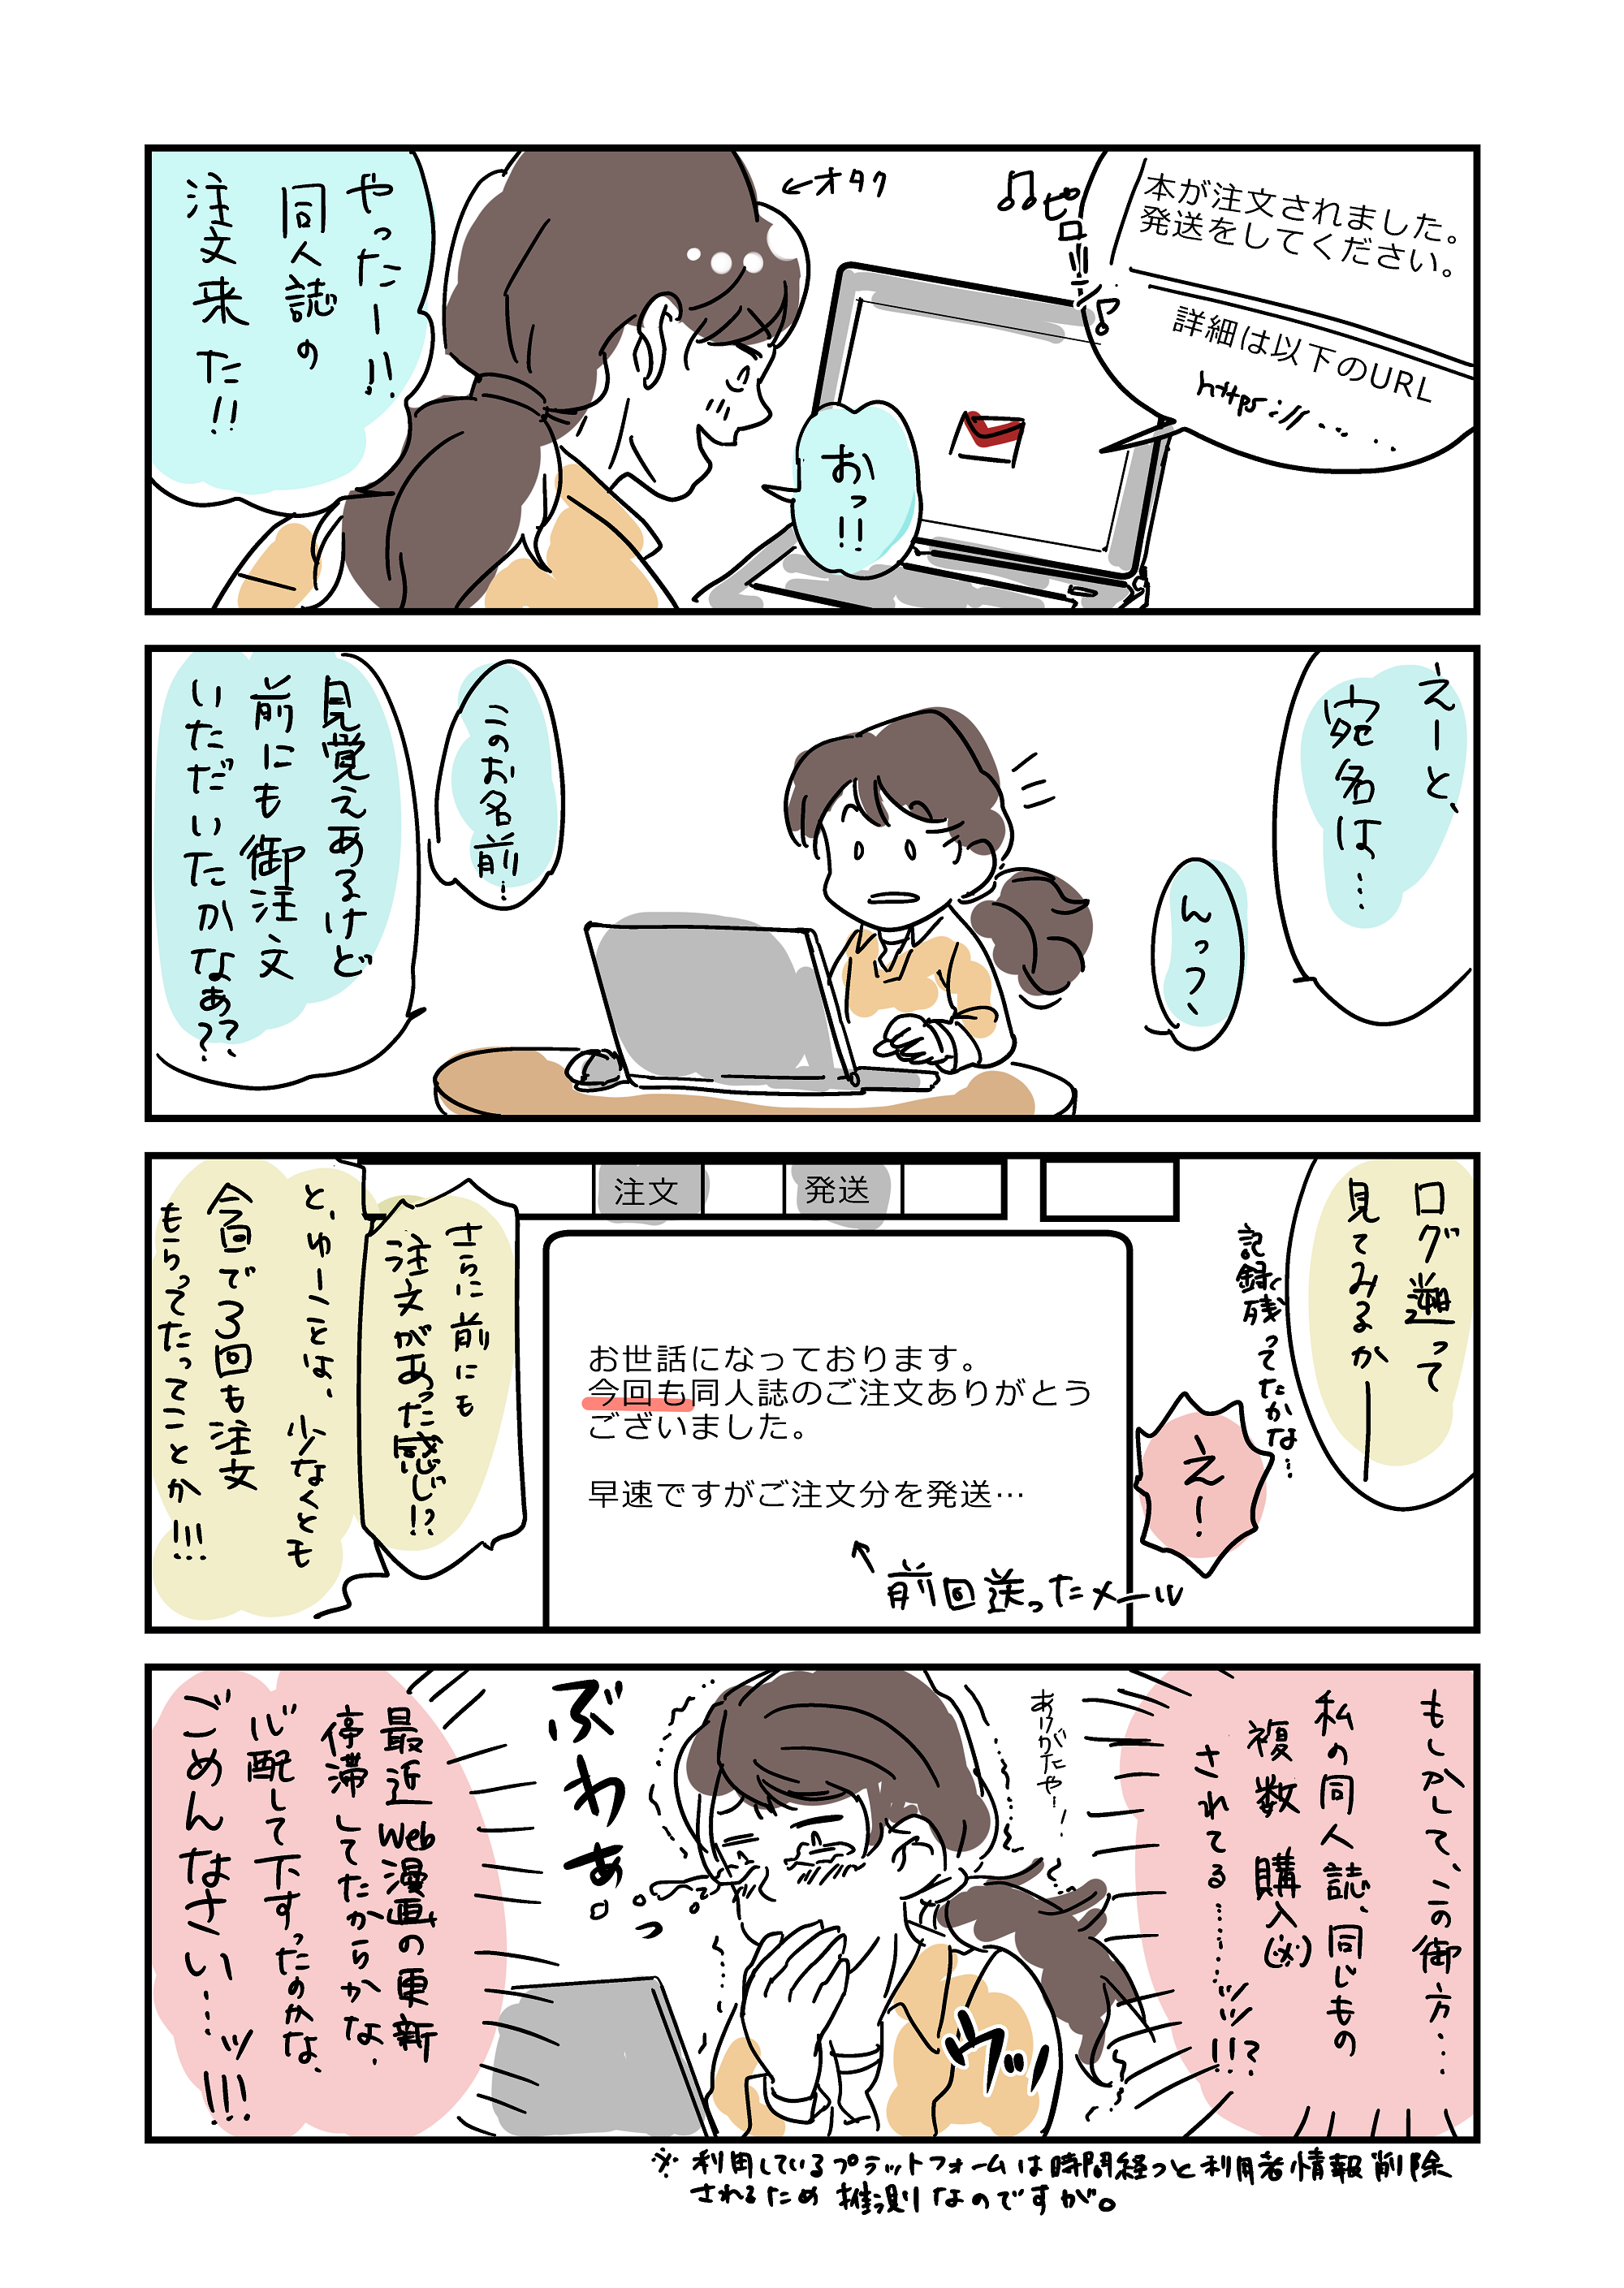 【日常4コマ】Bilde mich, Setsu! Rede nicht!!